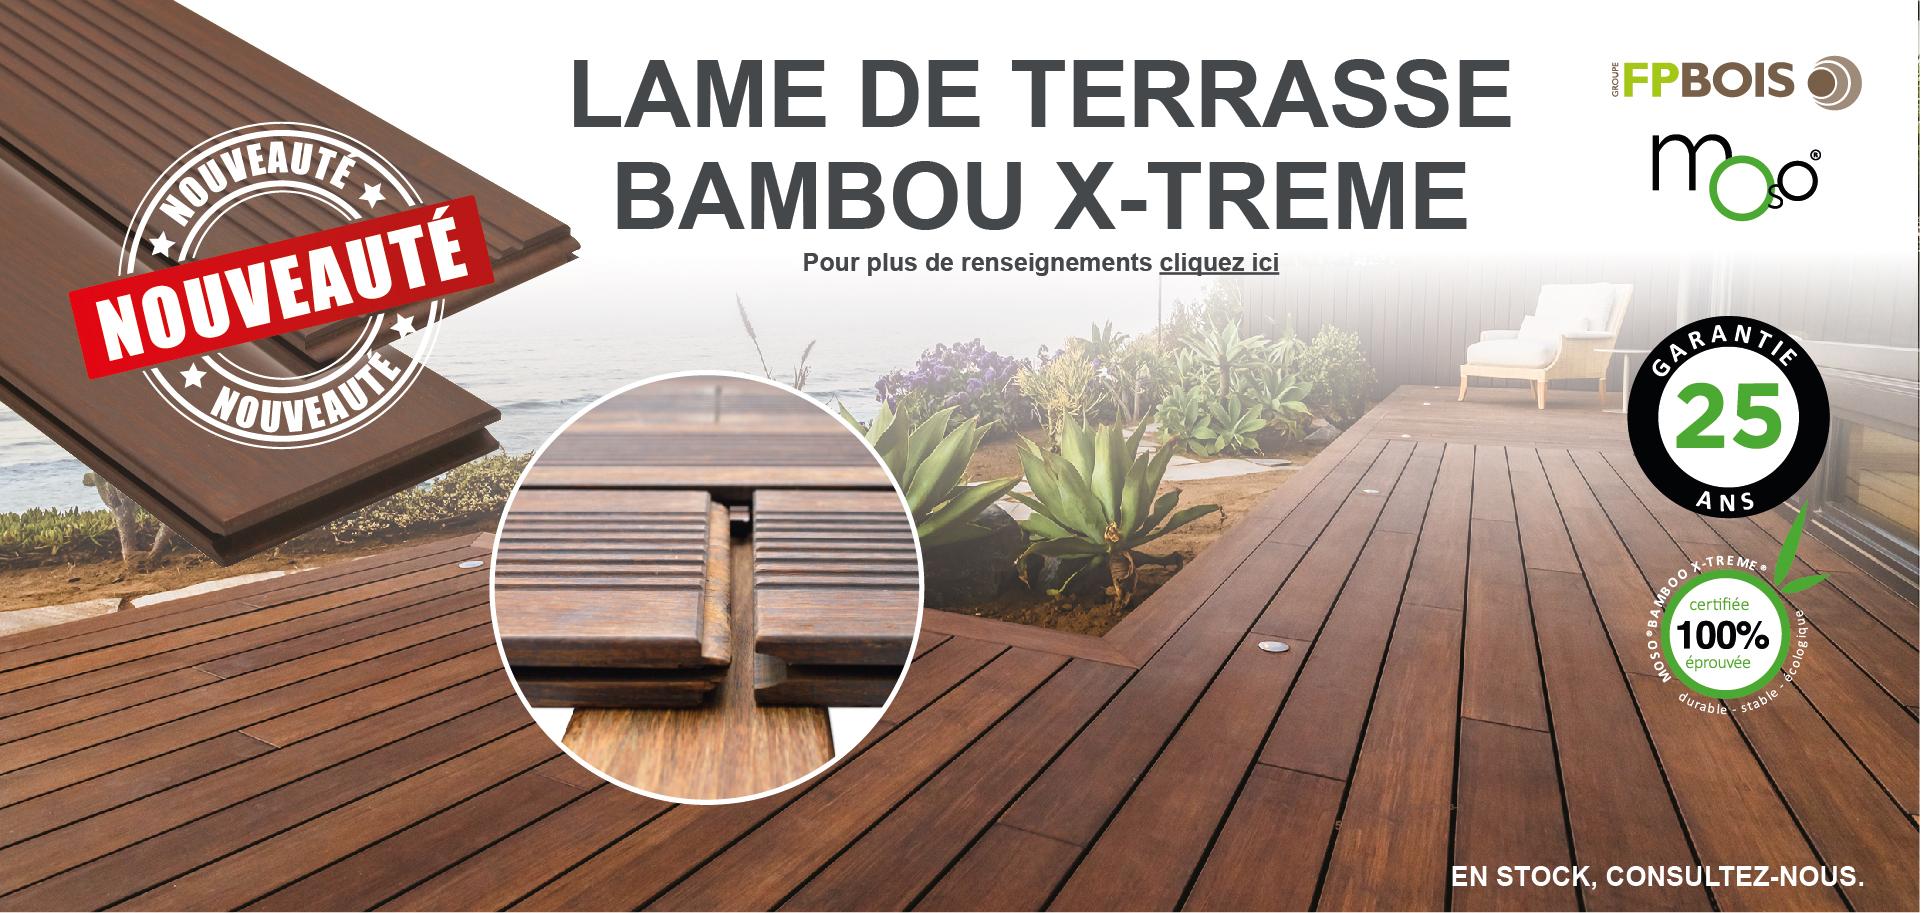 Lame de terrasse bambou X-Trem - Doineau